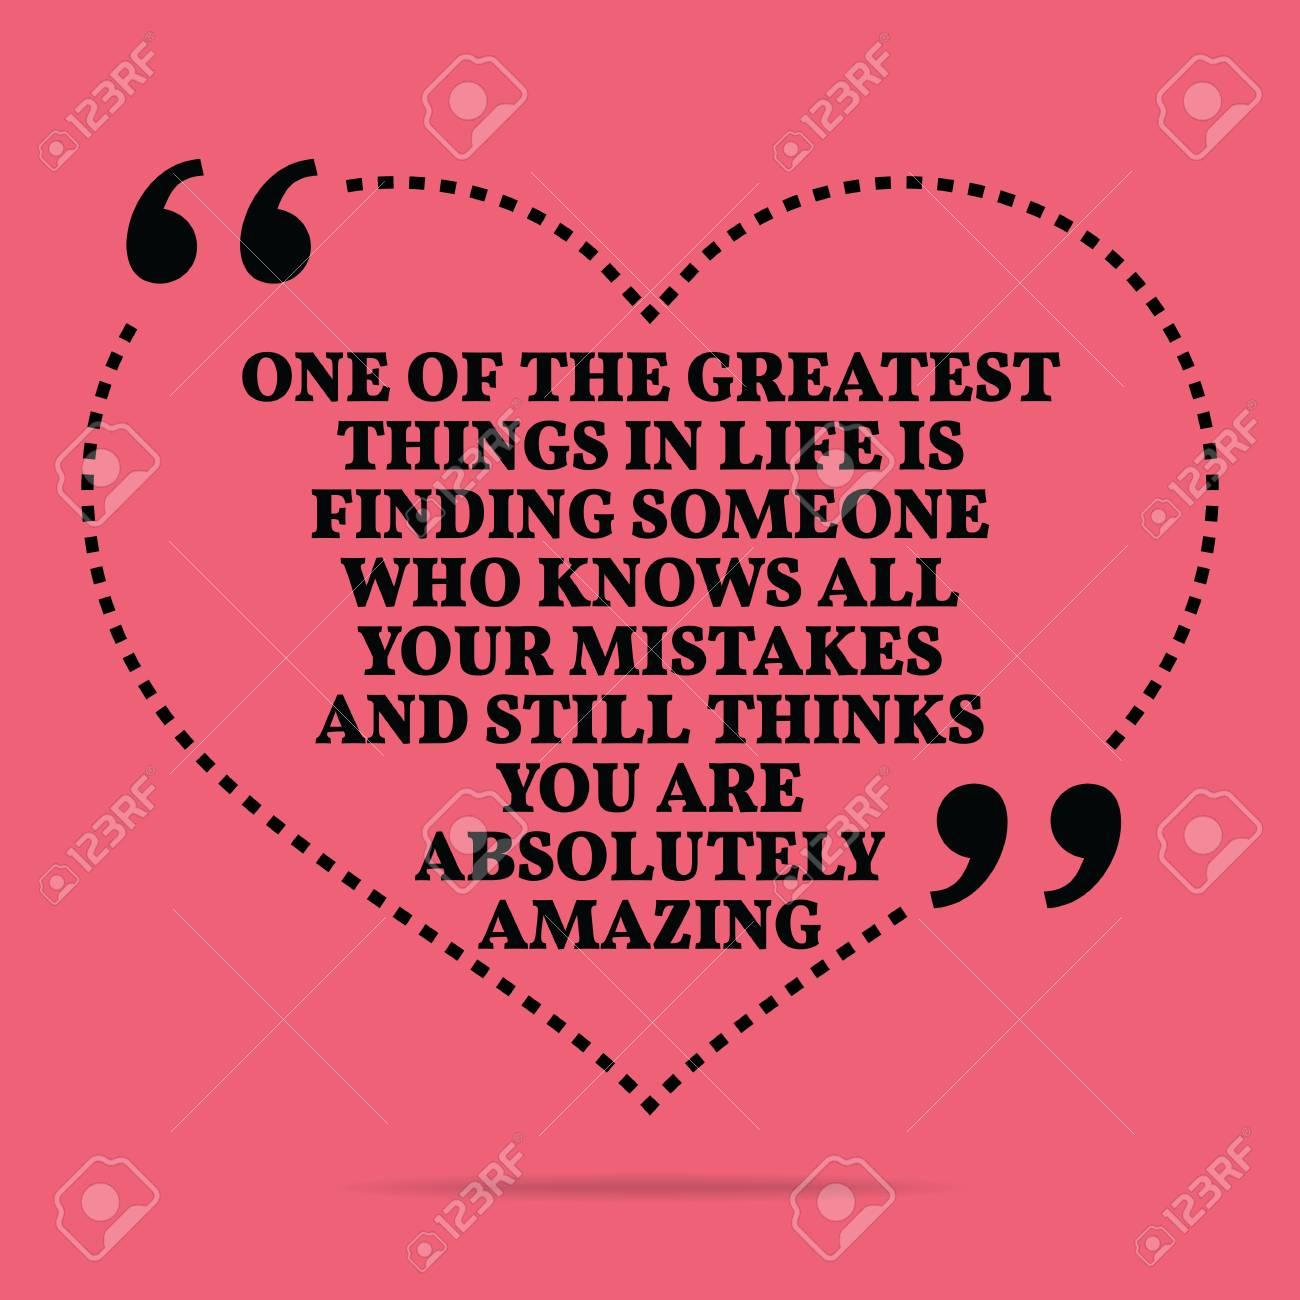 Citation Inspirée Amour De Mariage. Une Des Plus Grandes Choses Dans La Vie  Est De Trouver Quelqu'un Qui Connaît Tous Vos Erreurs Et Pense Toujours pour Trouver Les Erreurs À Imprimer